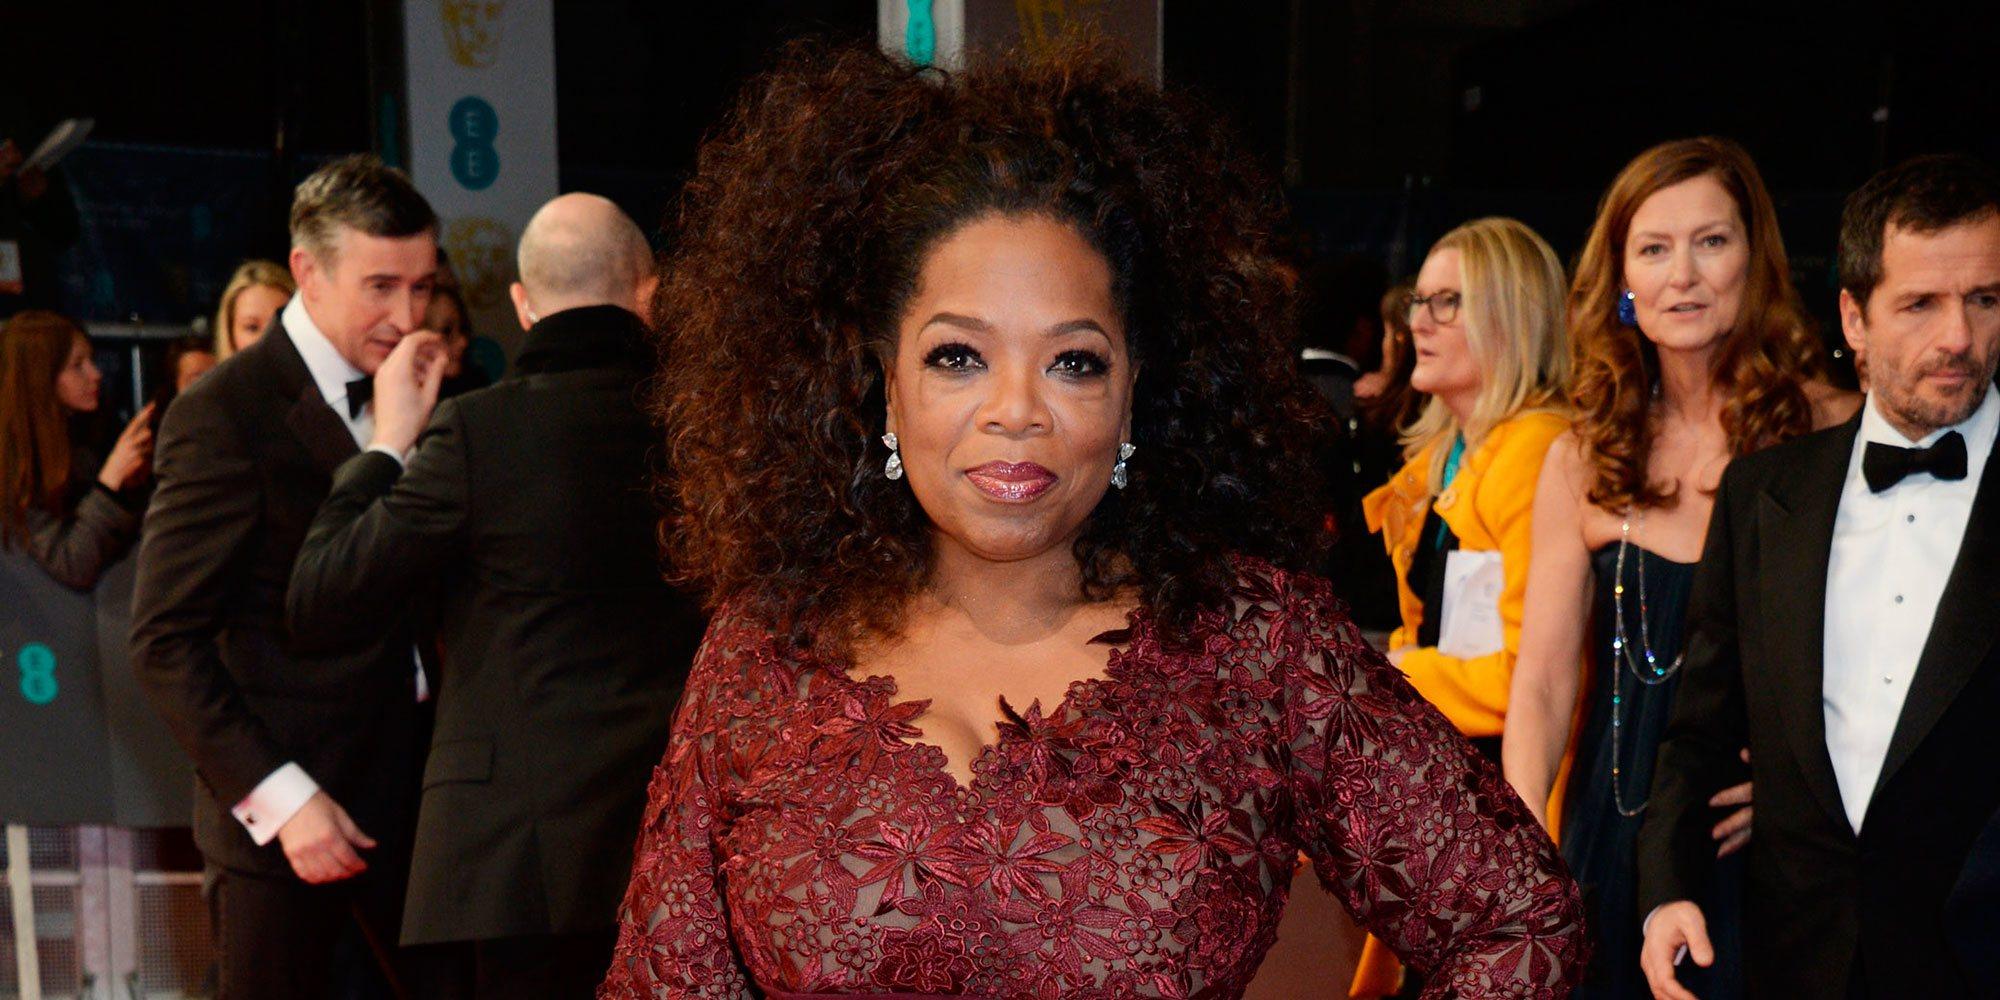 """La extraña dolencia que provocó que Oprah Winfrey se replanteara su vida: """"No podía creerlo"""""""